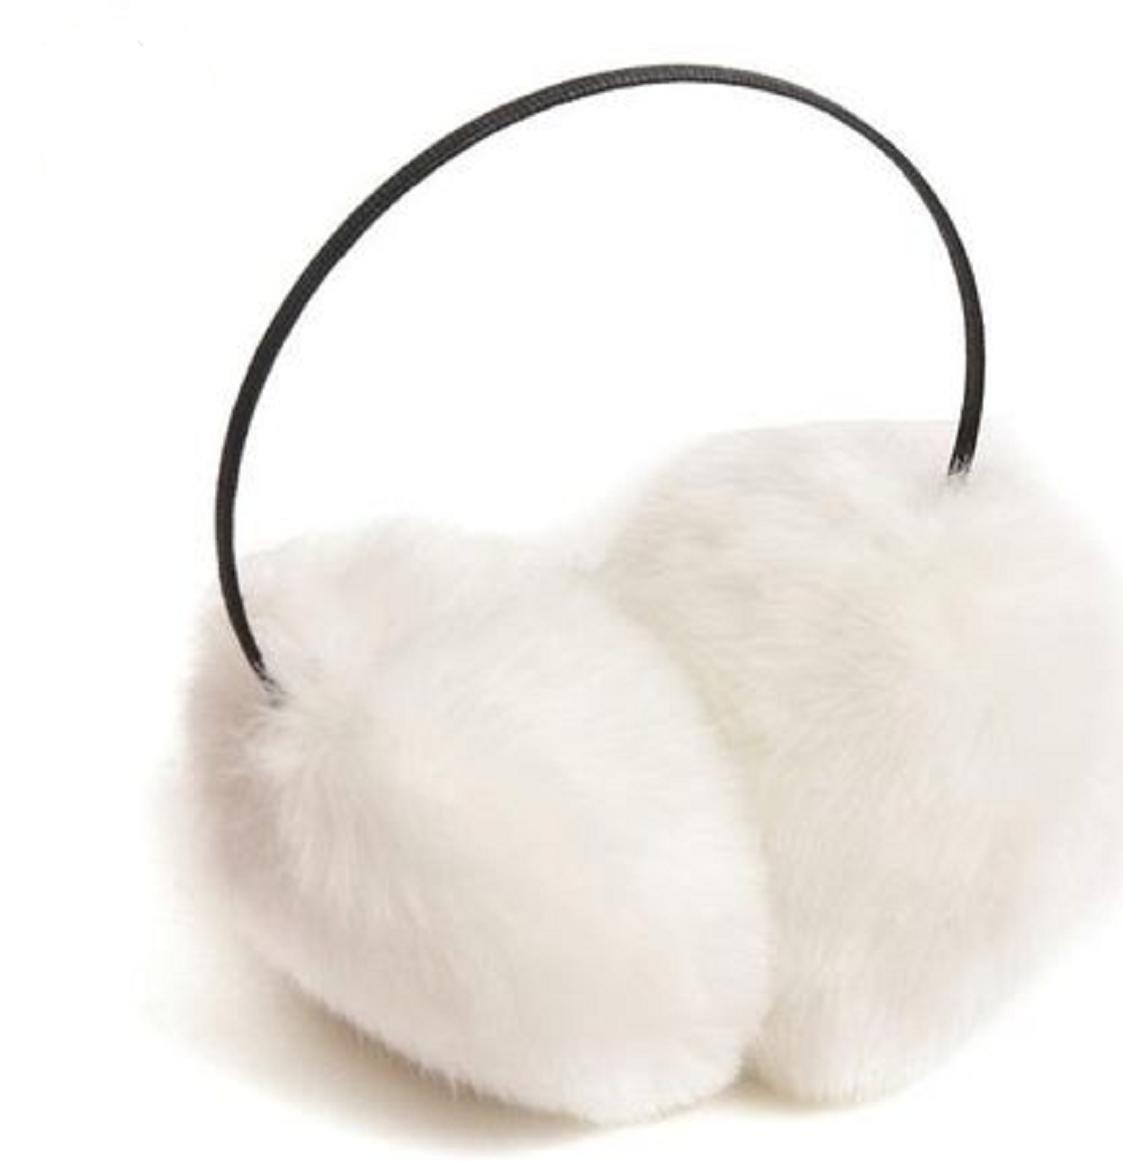 WenMei Women's Winter Fashion Soft Fluffy Fuzzy Ski Earmuff Ear Warmer Earlap Muffs Headband (White)